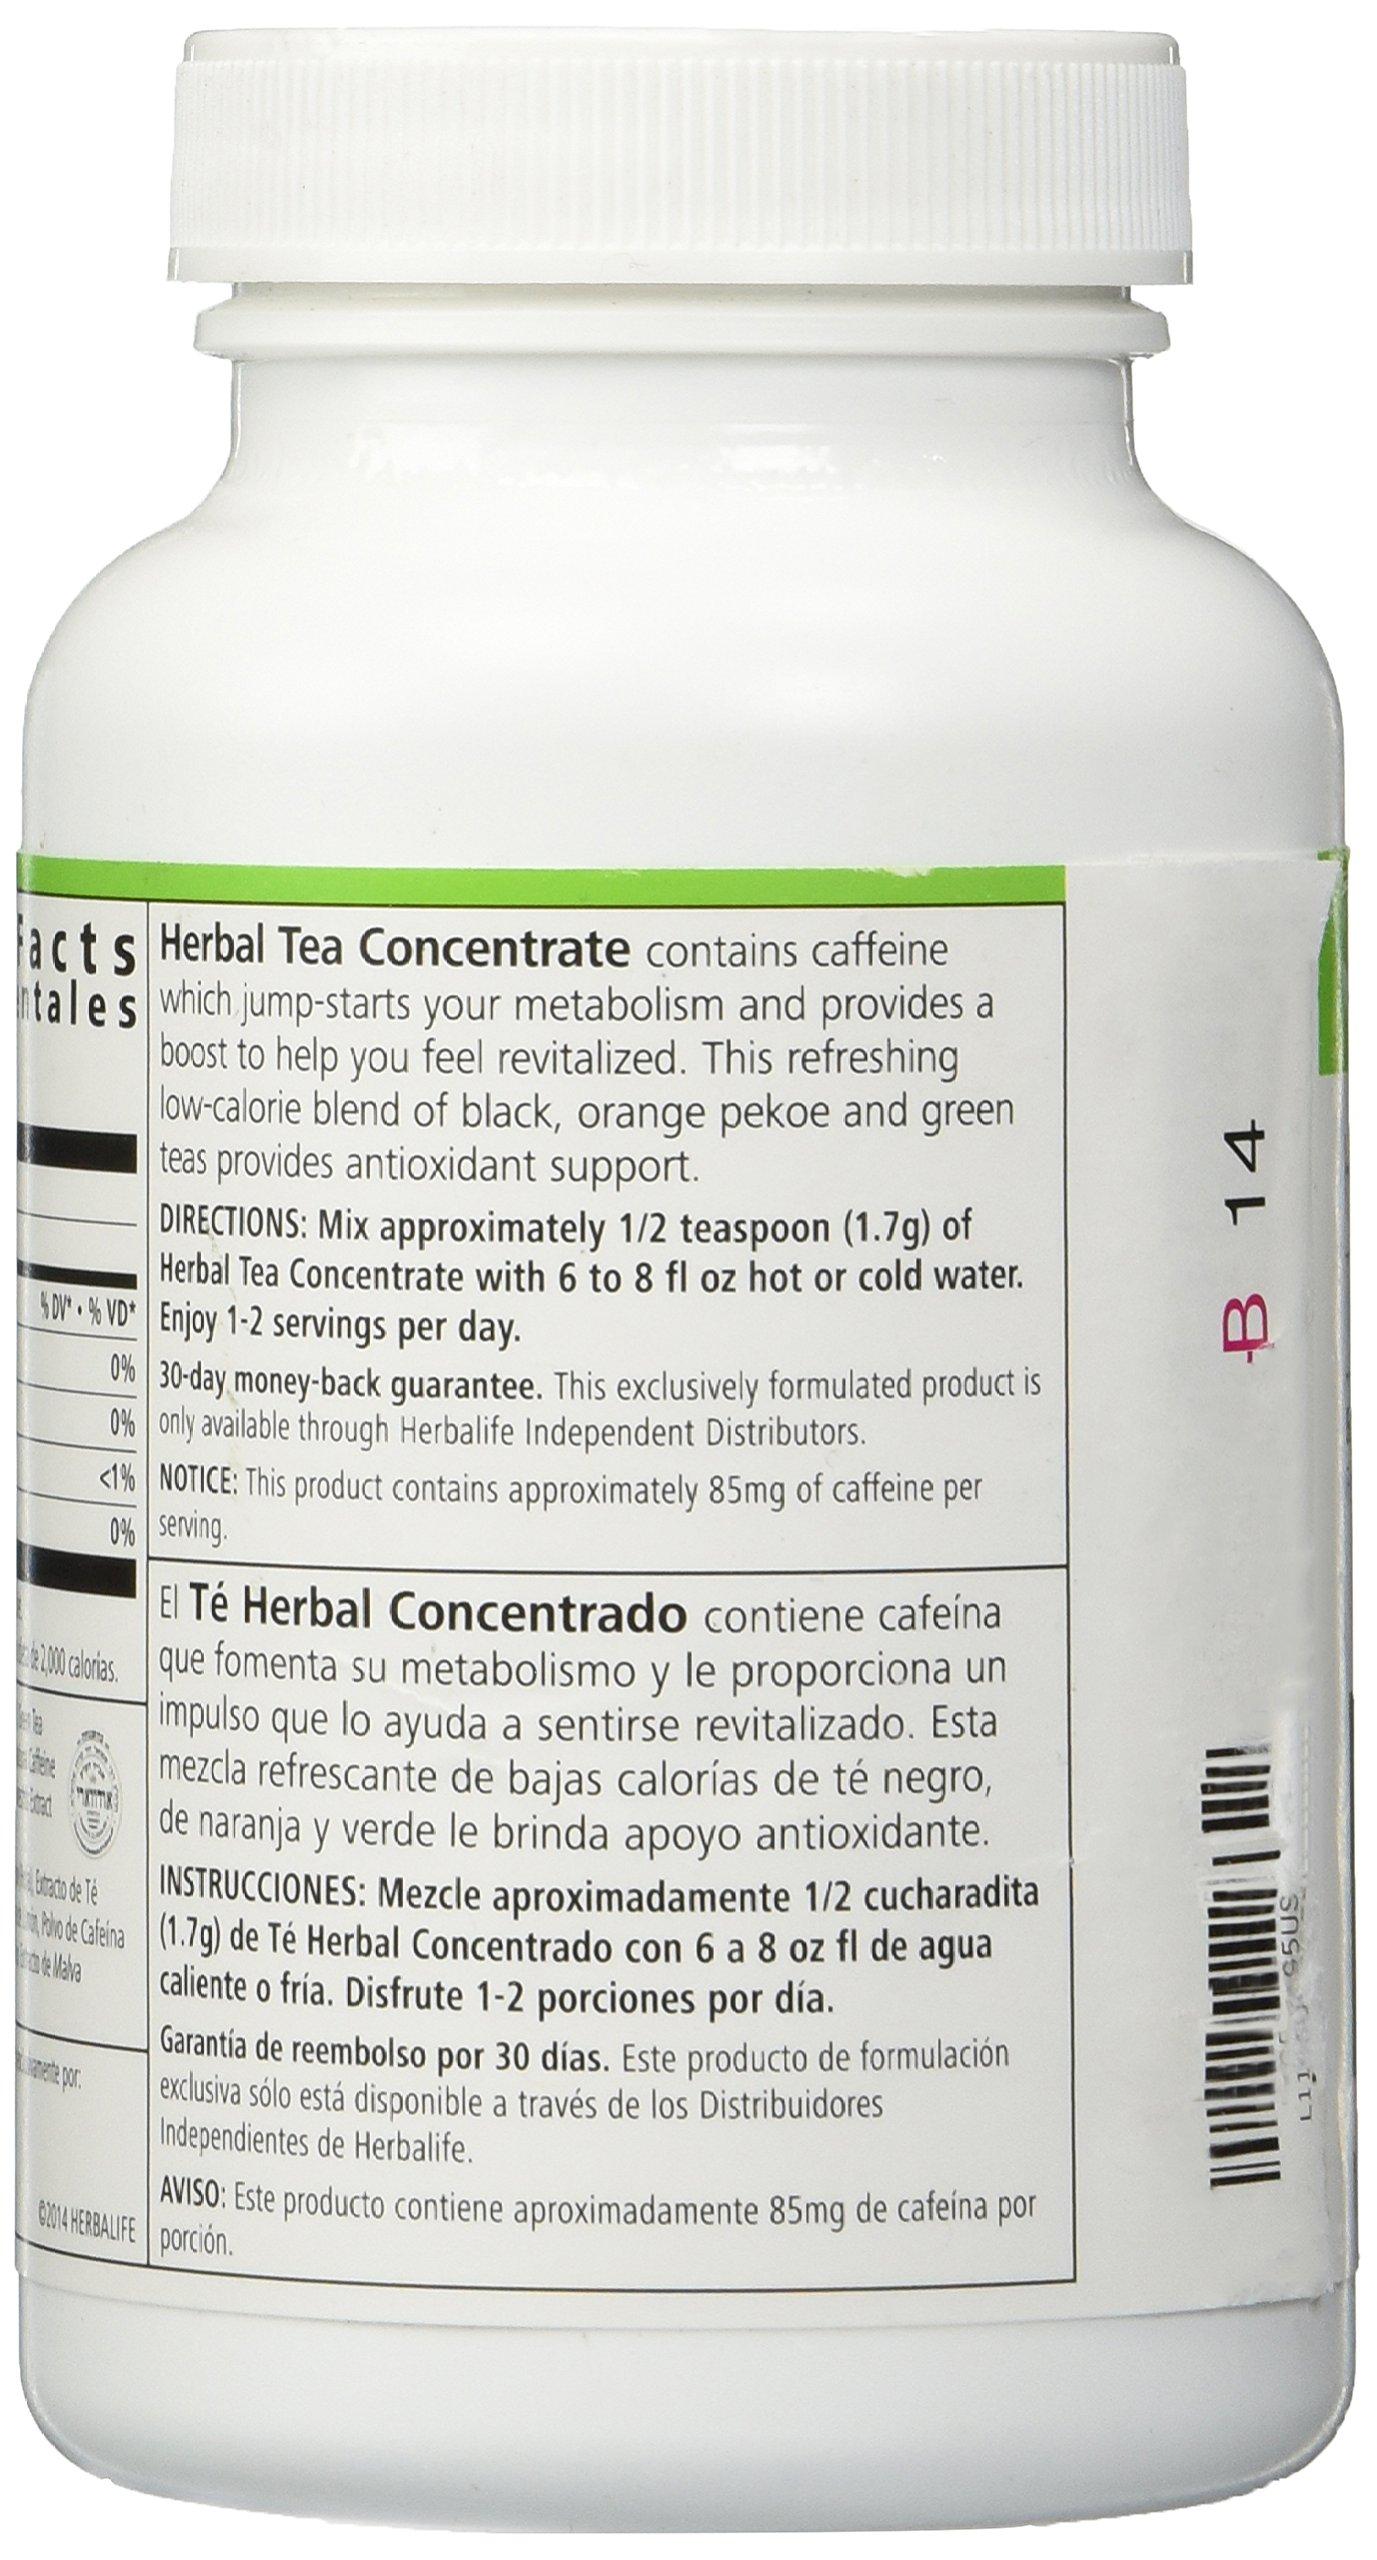 HERBALIFE HERBAL TEA CONCENTRATE - ORIGINAL FLAVOR 3.53 OZ by Herbalife (Image #4)